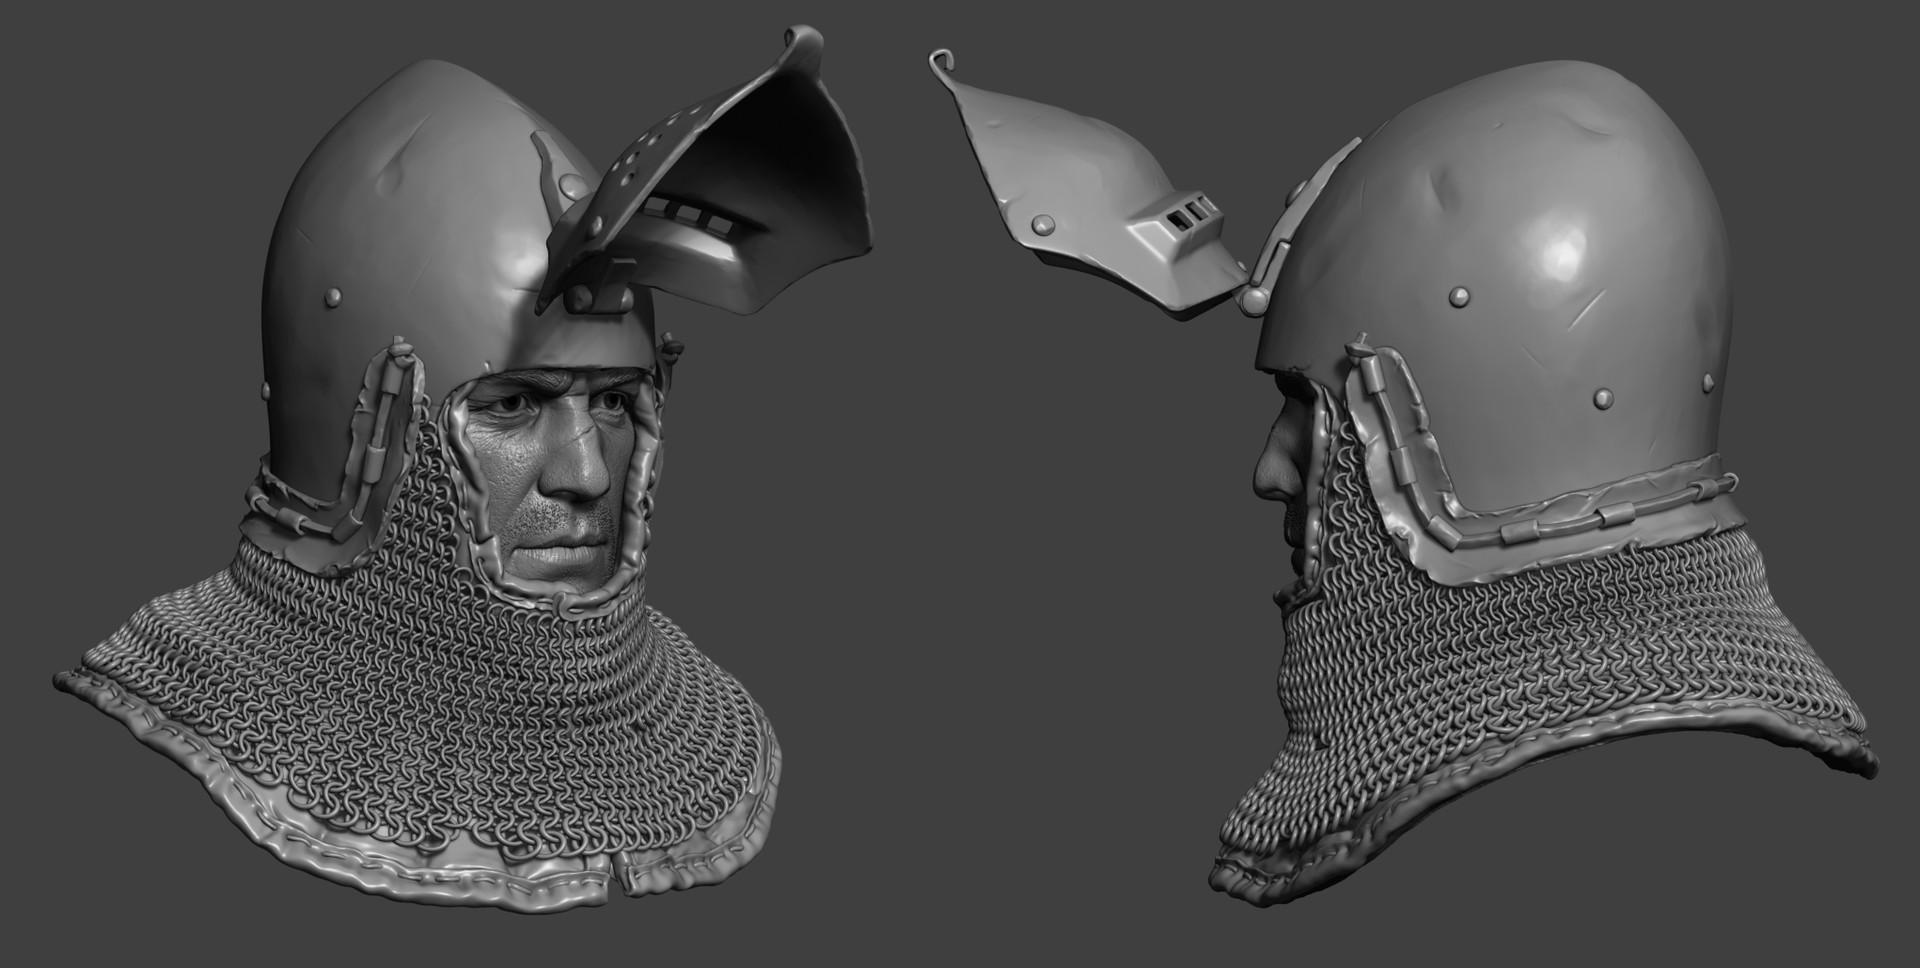 Petr sokolov artpity knight hp helmet